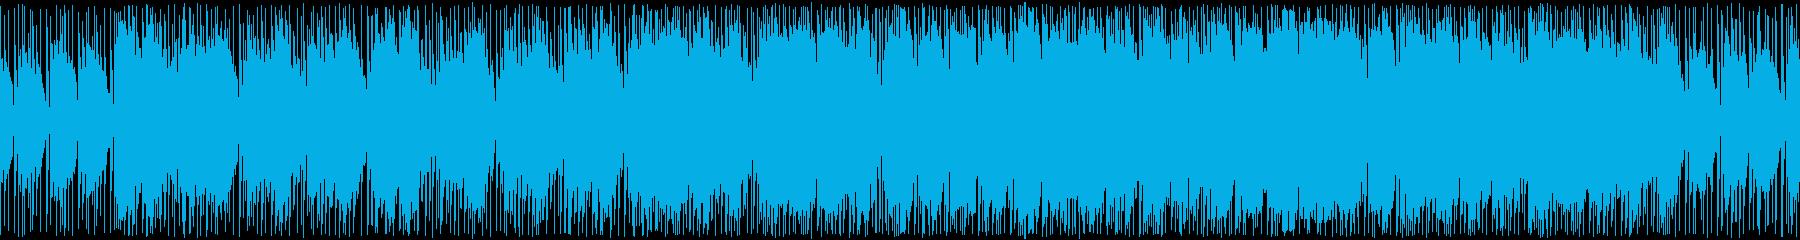 戦車ゲームの戦略フェイズのようなロック曲の再生済みの波形